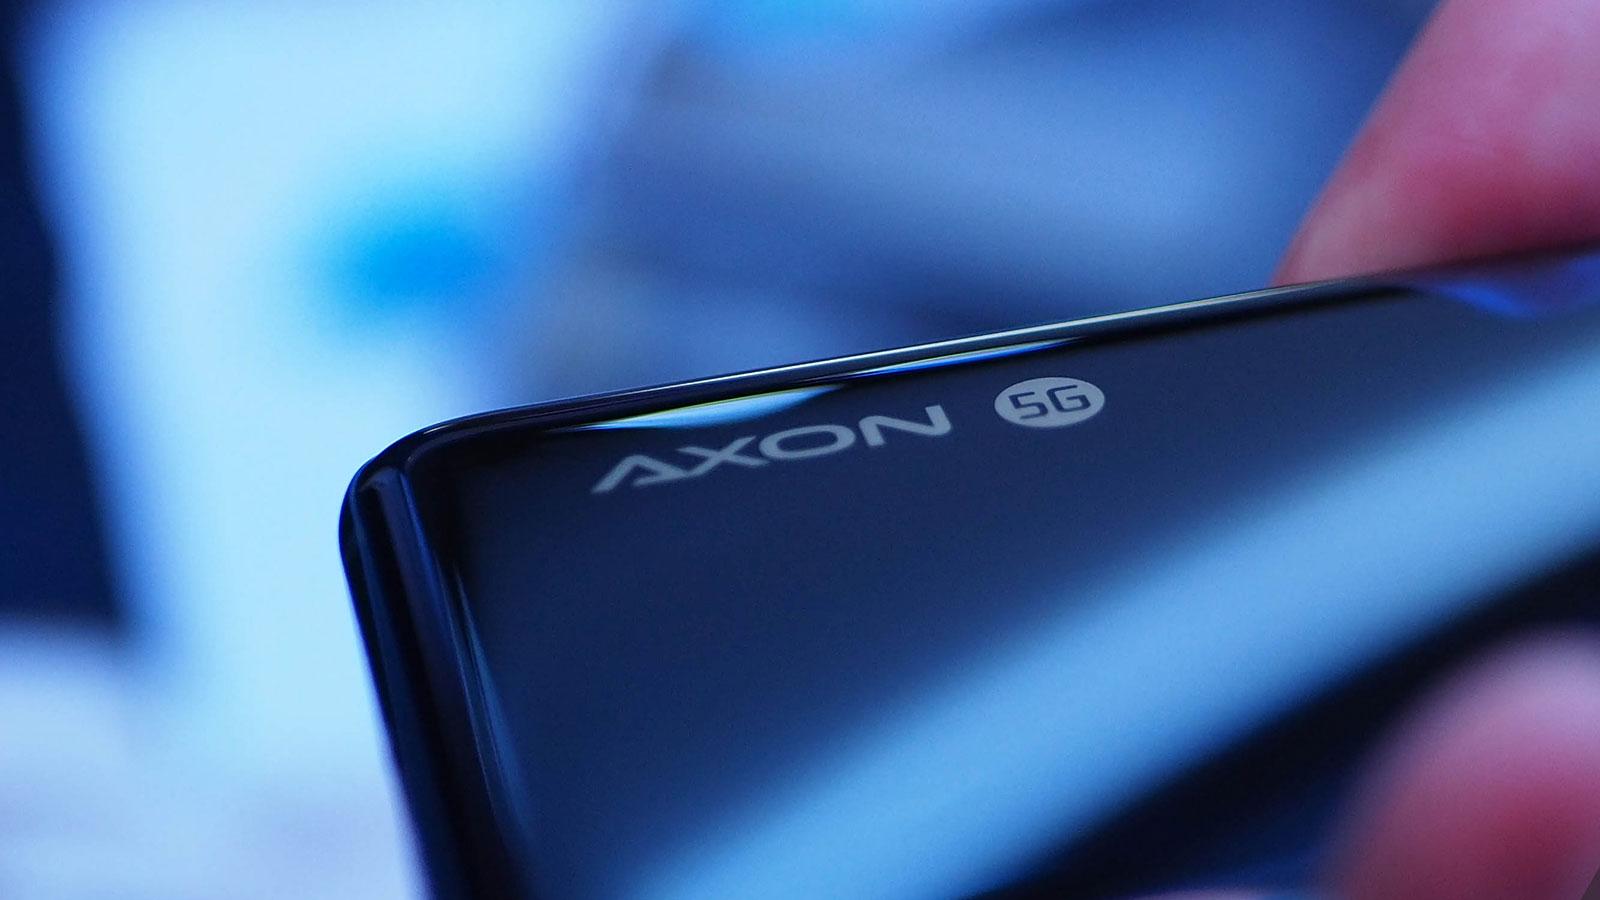 تست سرعت اینترنت گوشی 5G زد تی ای Axon 10 Pro 5G را ببینید